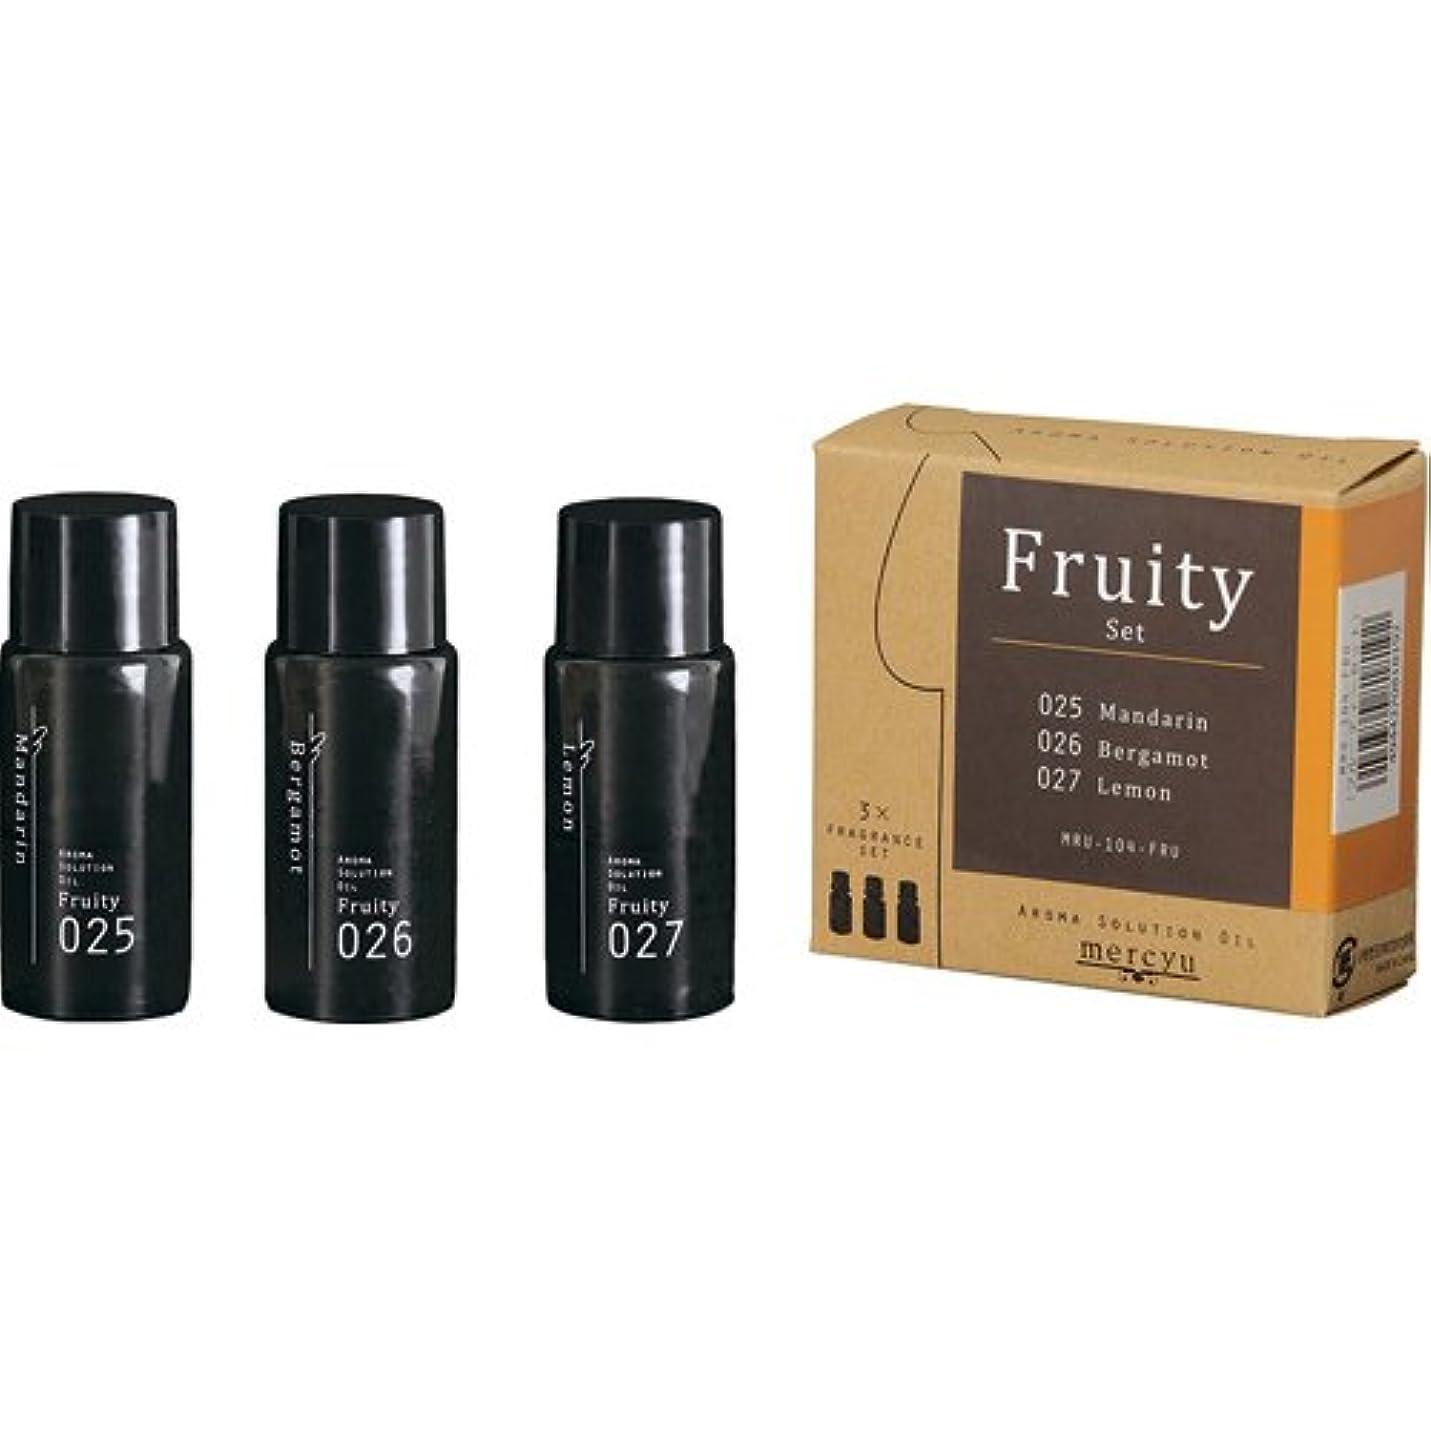 あえぎ退屈引き算アロマ ソリューション オイル Fruity (025ベルガモット/026レモン/027マンダリン) MRU-104-FRU